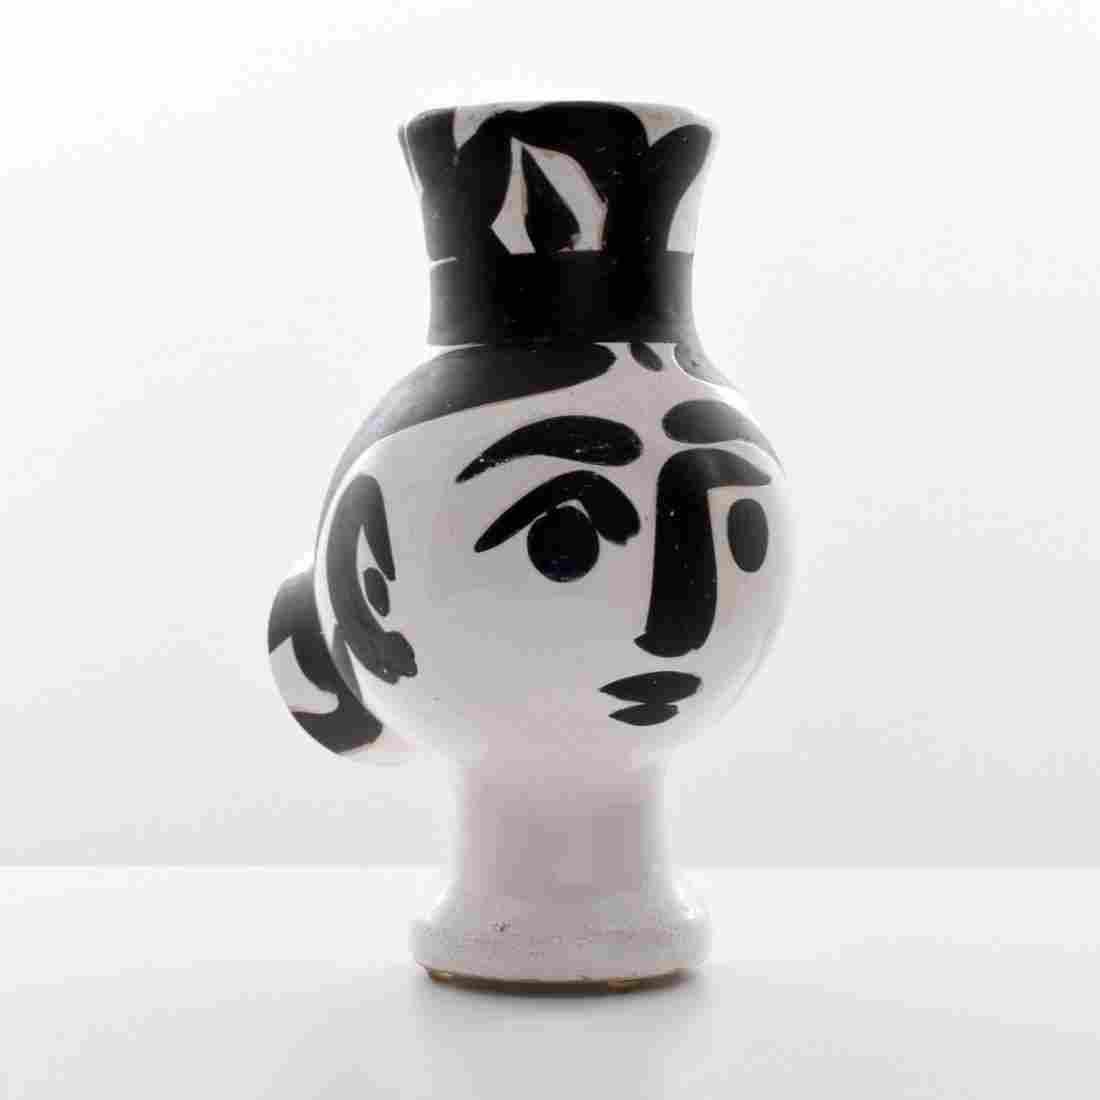 Pablo Picasso CHOUETTE FEMME Vessel, (A.R. 119)